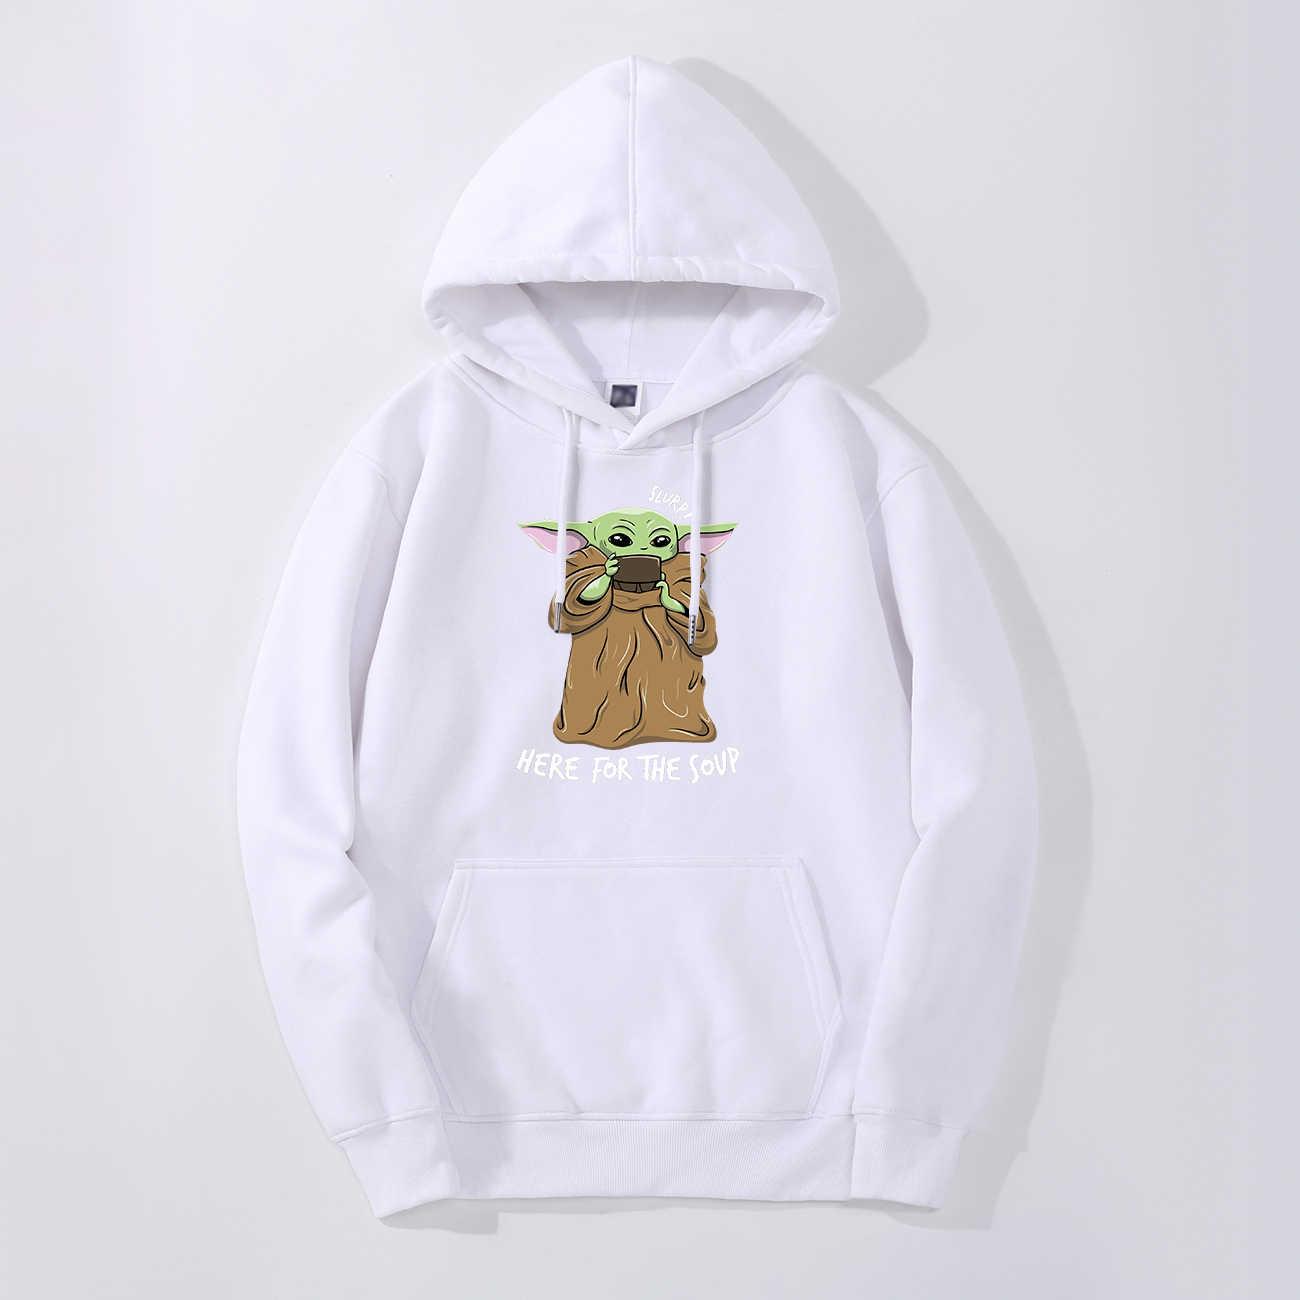 귀여운 아기 Yoda 까마귀 스웨터 양털 Mandalorian 남자 후드 가을 겨울 후드 스타 전쟁 Streetwear 패션 스포츠웨어